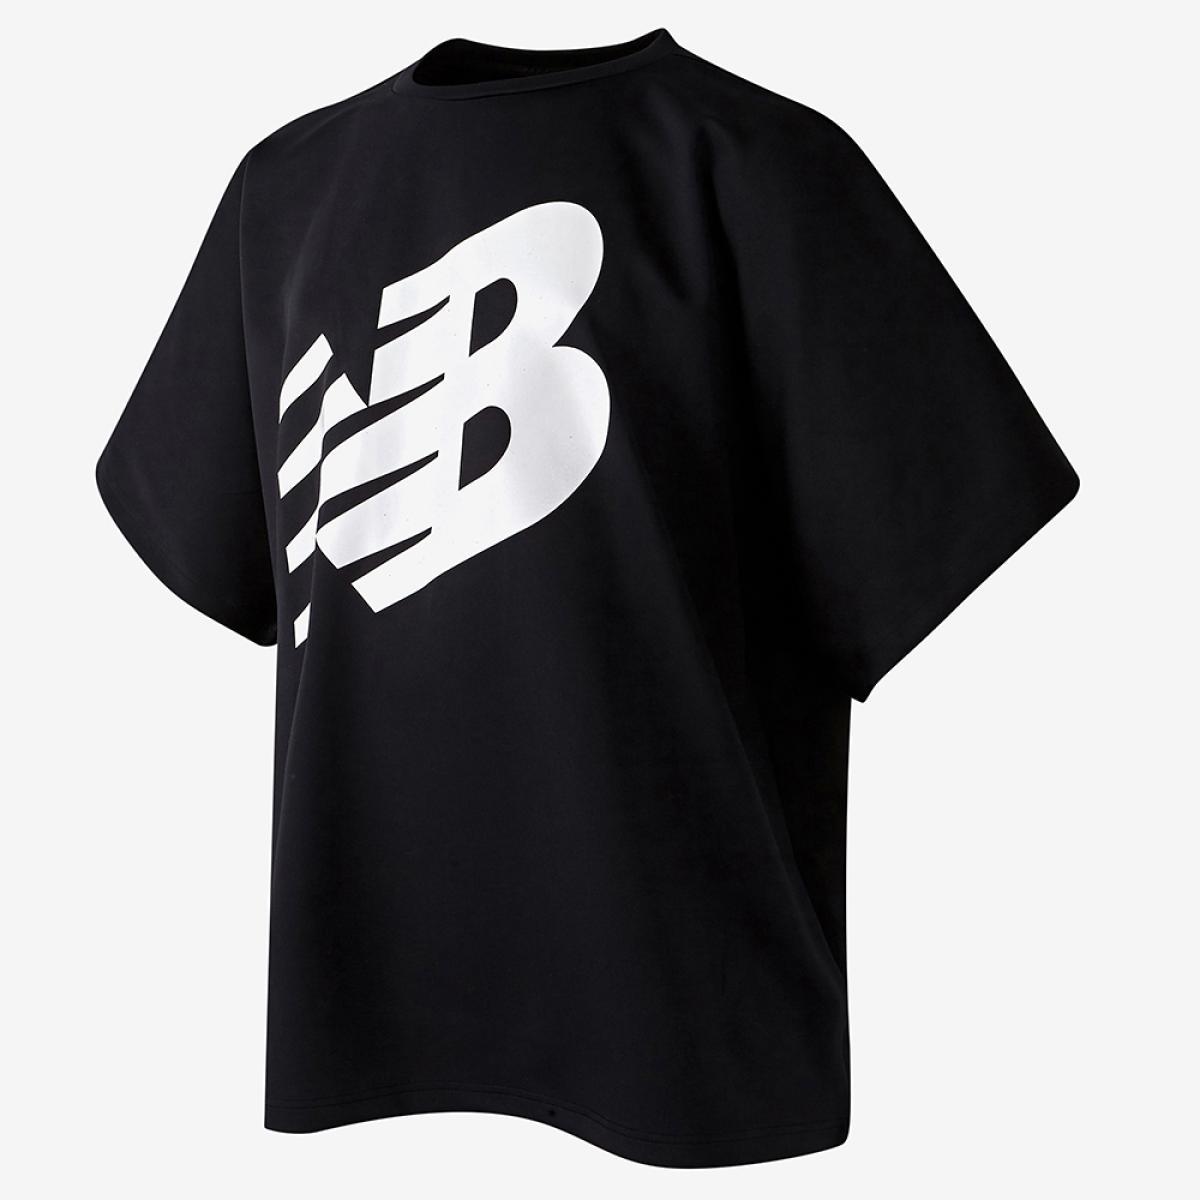 KT위즈 아이싱 티셔츠